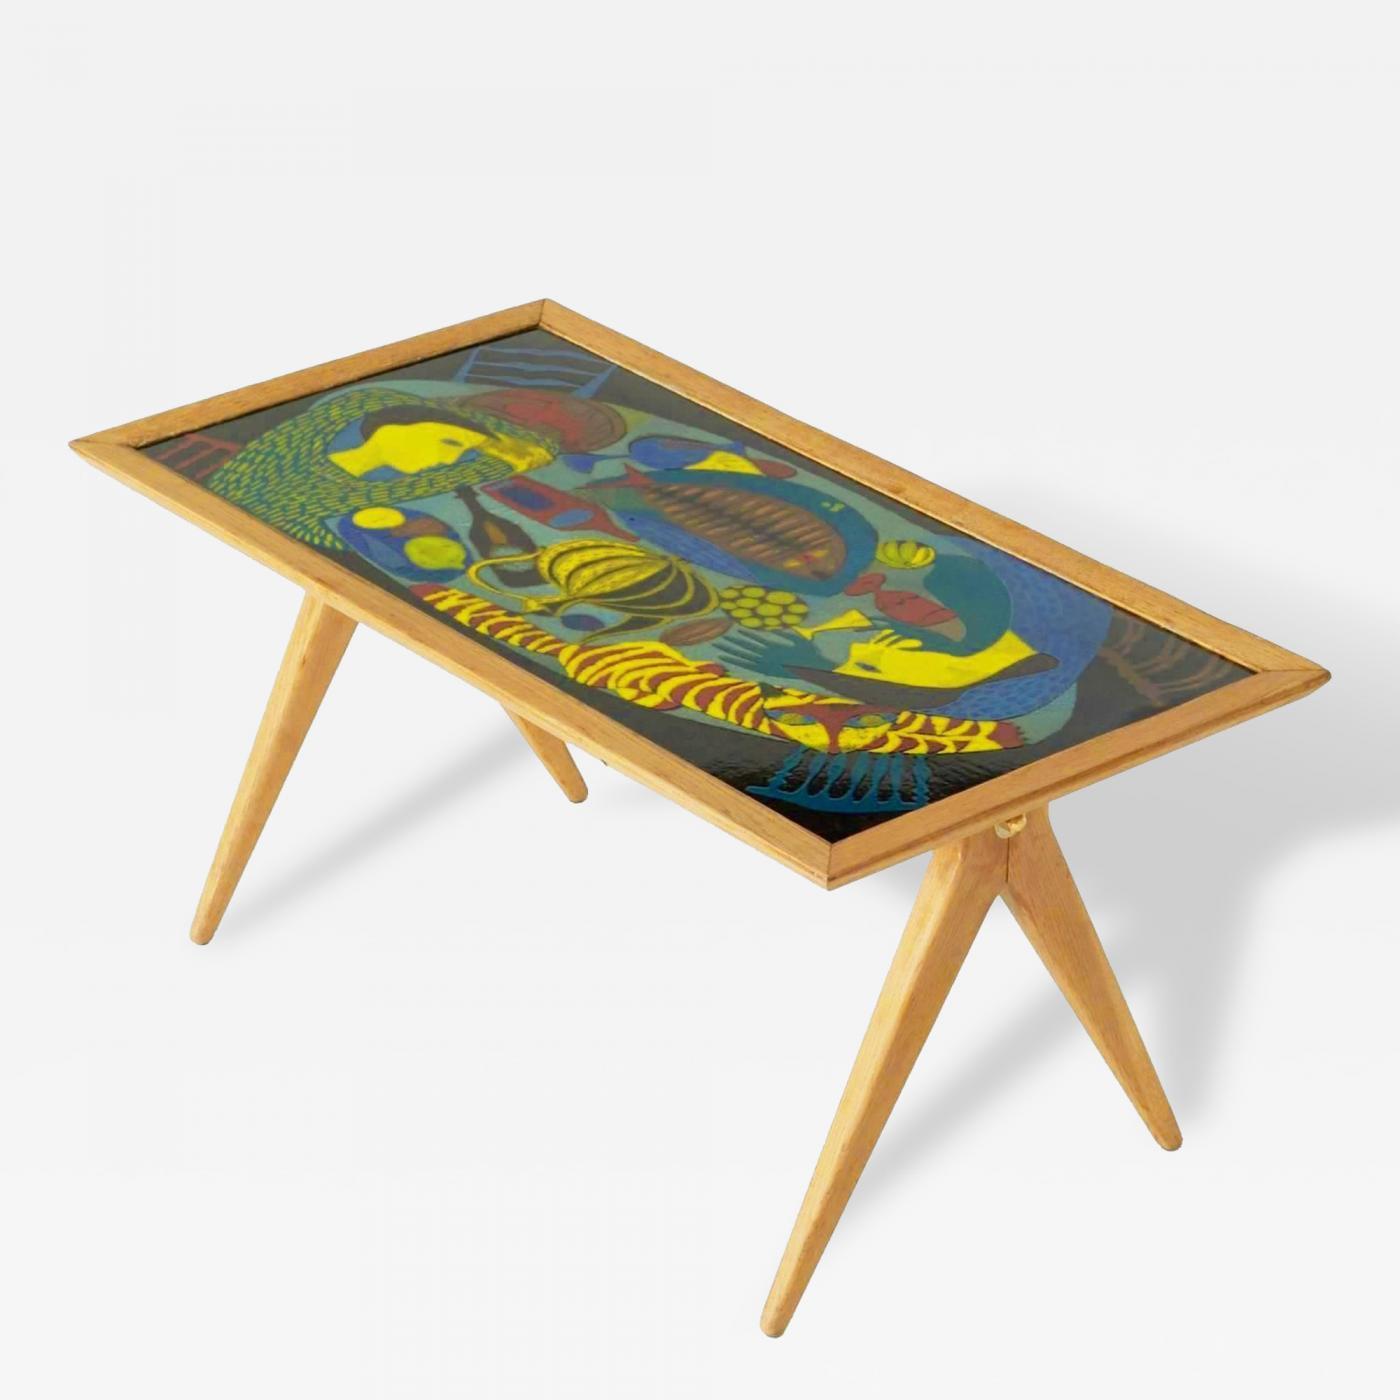 Stig Lindberg Enamel Coffee Table by Stig Lindberg and David